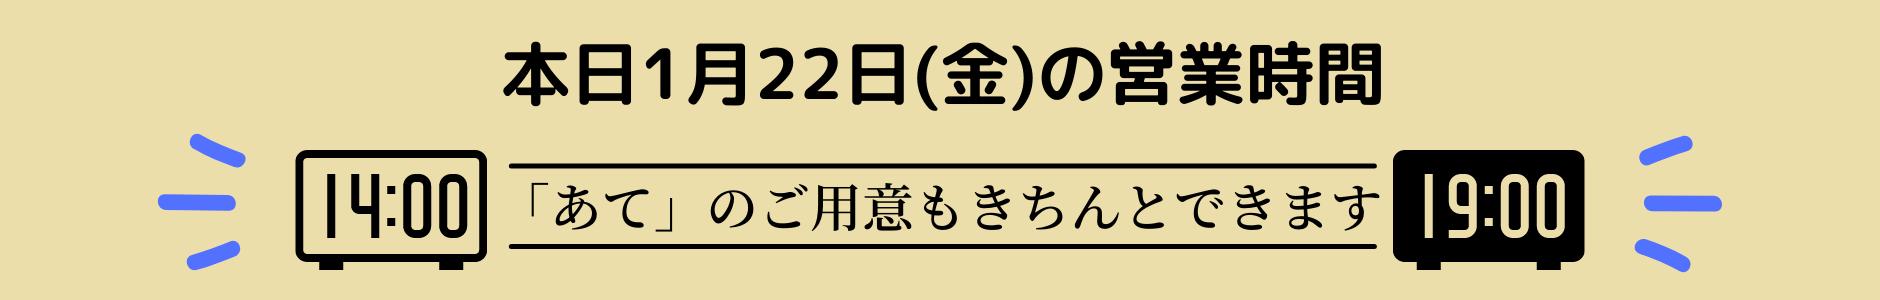 1月22日(金)の営業時間